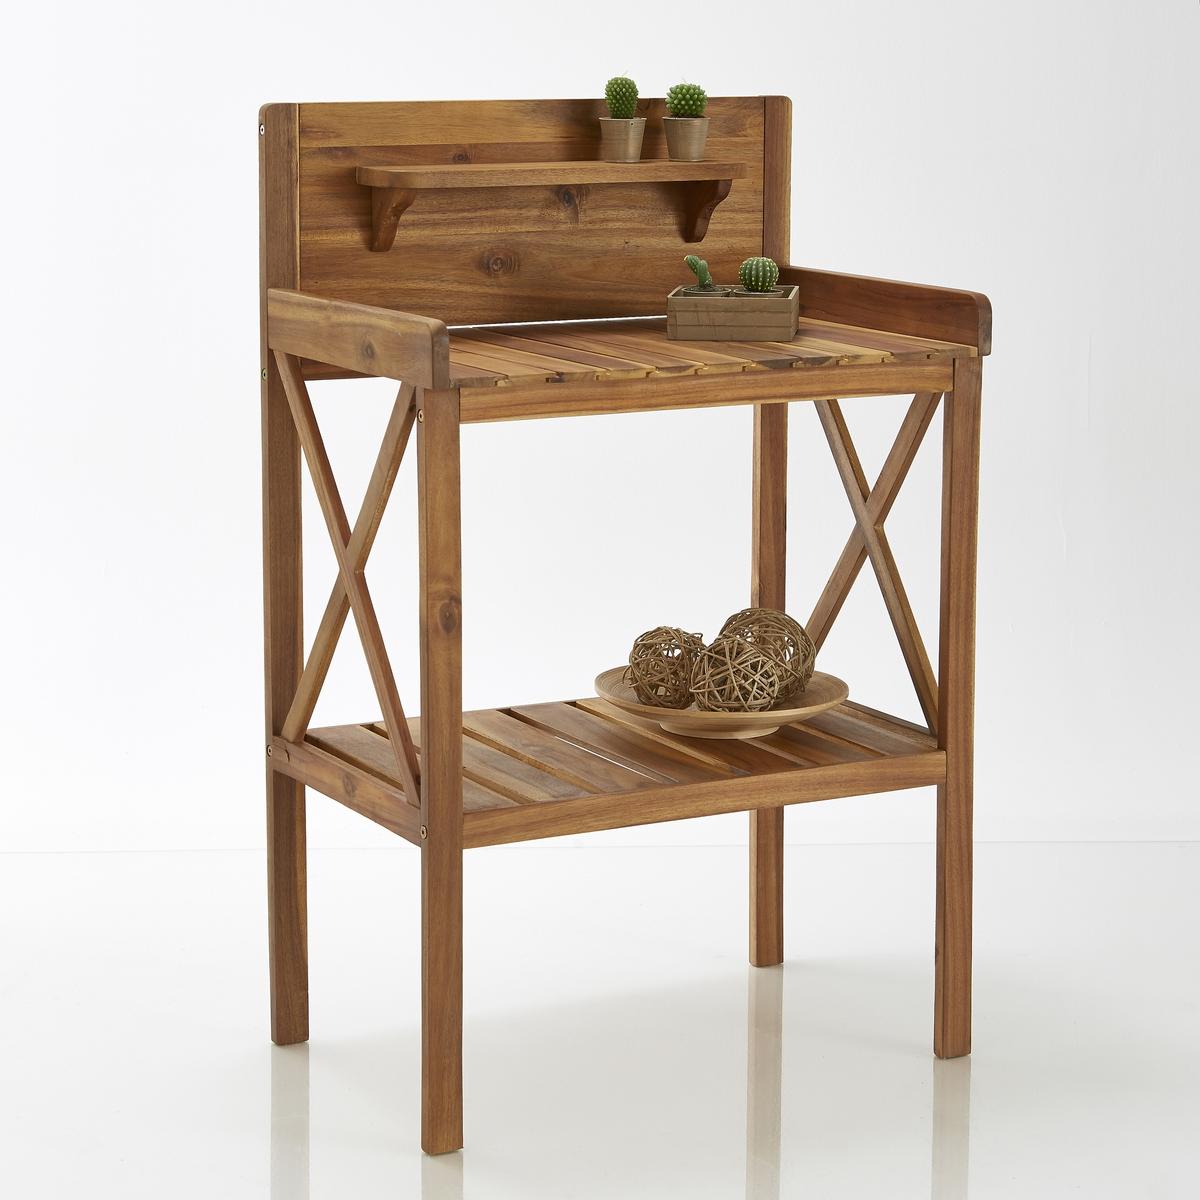 Стол садовый из акации с масляным покрытиемЭтот садовый стол из акации с масляным покрытием позволит удобно разместить на хранение все необходимые вещи для Вашего сада или балкона.Описание садового стола из акации:2 столешницы/этажерки.1 столешница для крепления к стене + 1 небольшая этажерка.Характеристики садового стола из акации:выполнен из акации с масляным покрытием. Размеры садового стола из акации:Длина: 70 см.Высота: 110 см. Глубина: 45 см.Размеры и вес коробки:1 коробкаД. 116 x В. 17,5 x Ш. 52,5 см 14 кгДоставка:Данная модель стола требует самостоятельной сборки. Доставка осуществляется до квартиры!Внимание! Убедитесь в том, что посылку возможно доставить на дом, учитывая ее габариты.<br><br>Цвет: акация